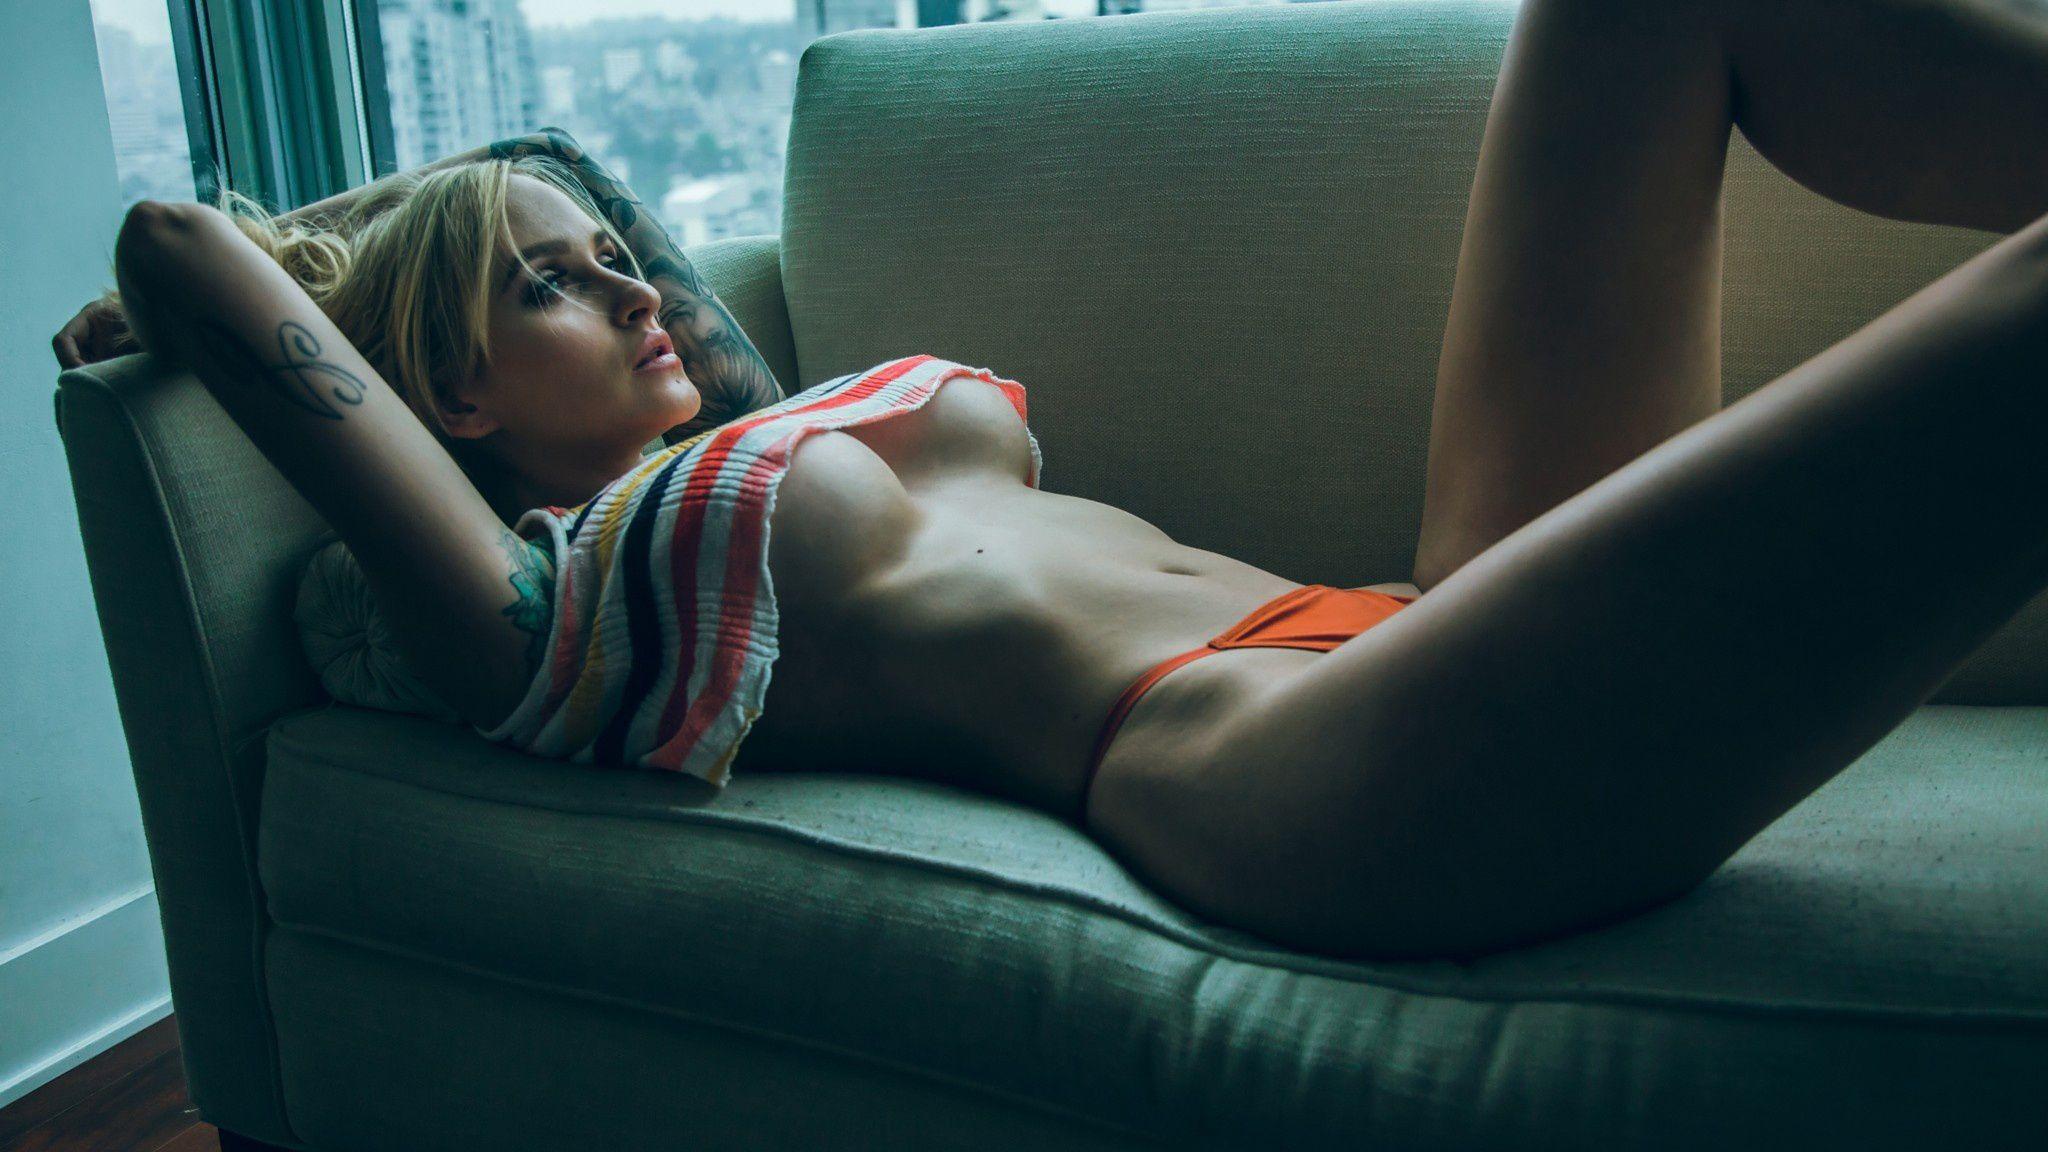 потому, что фото трусиков на диване вполне